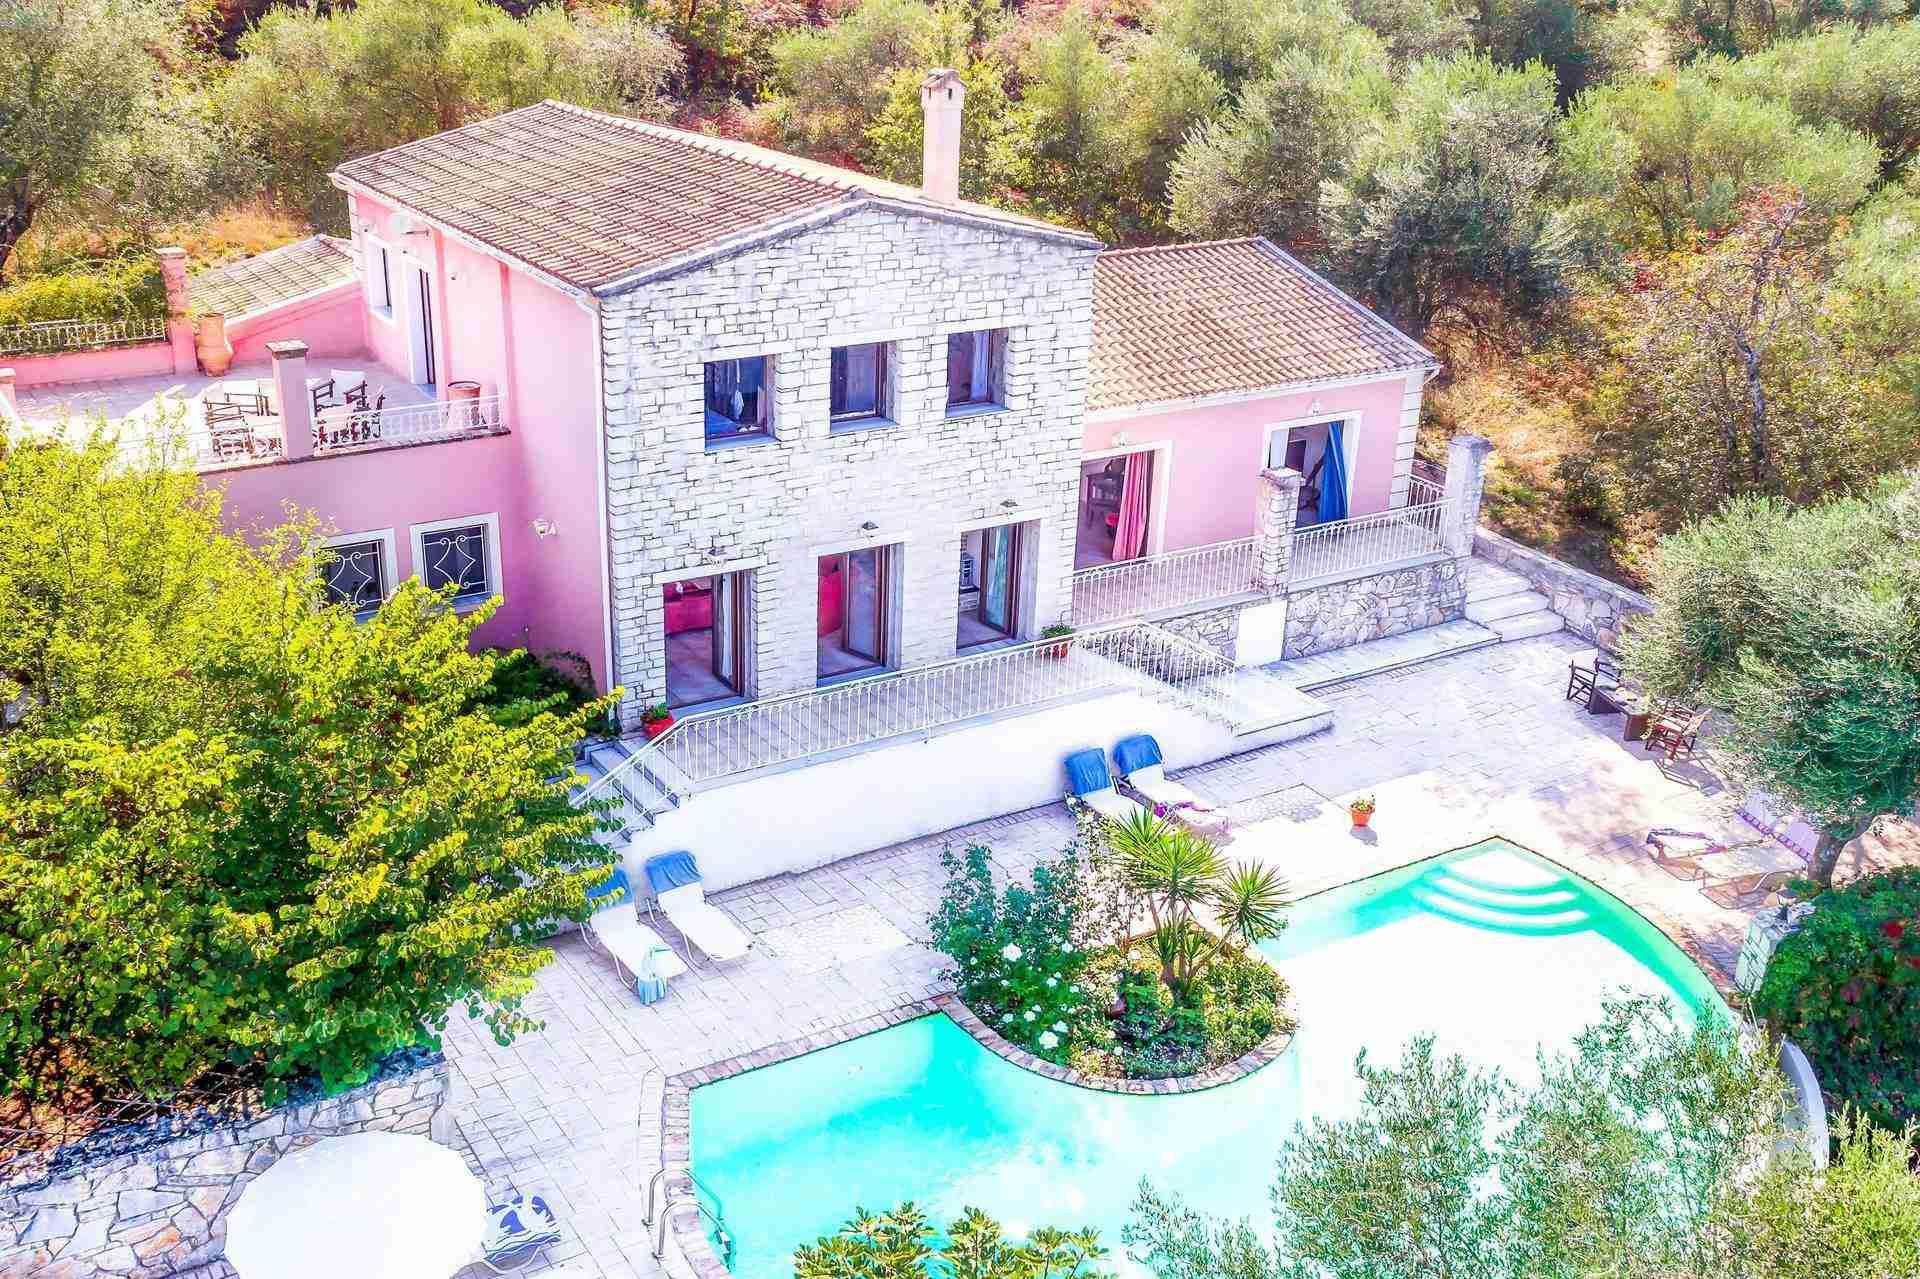 3 Febe villa drone view